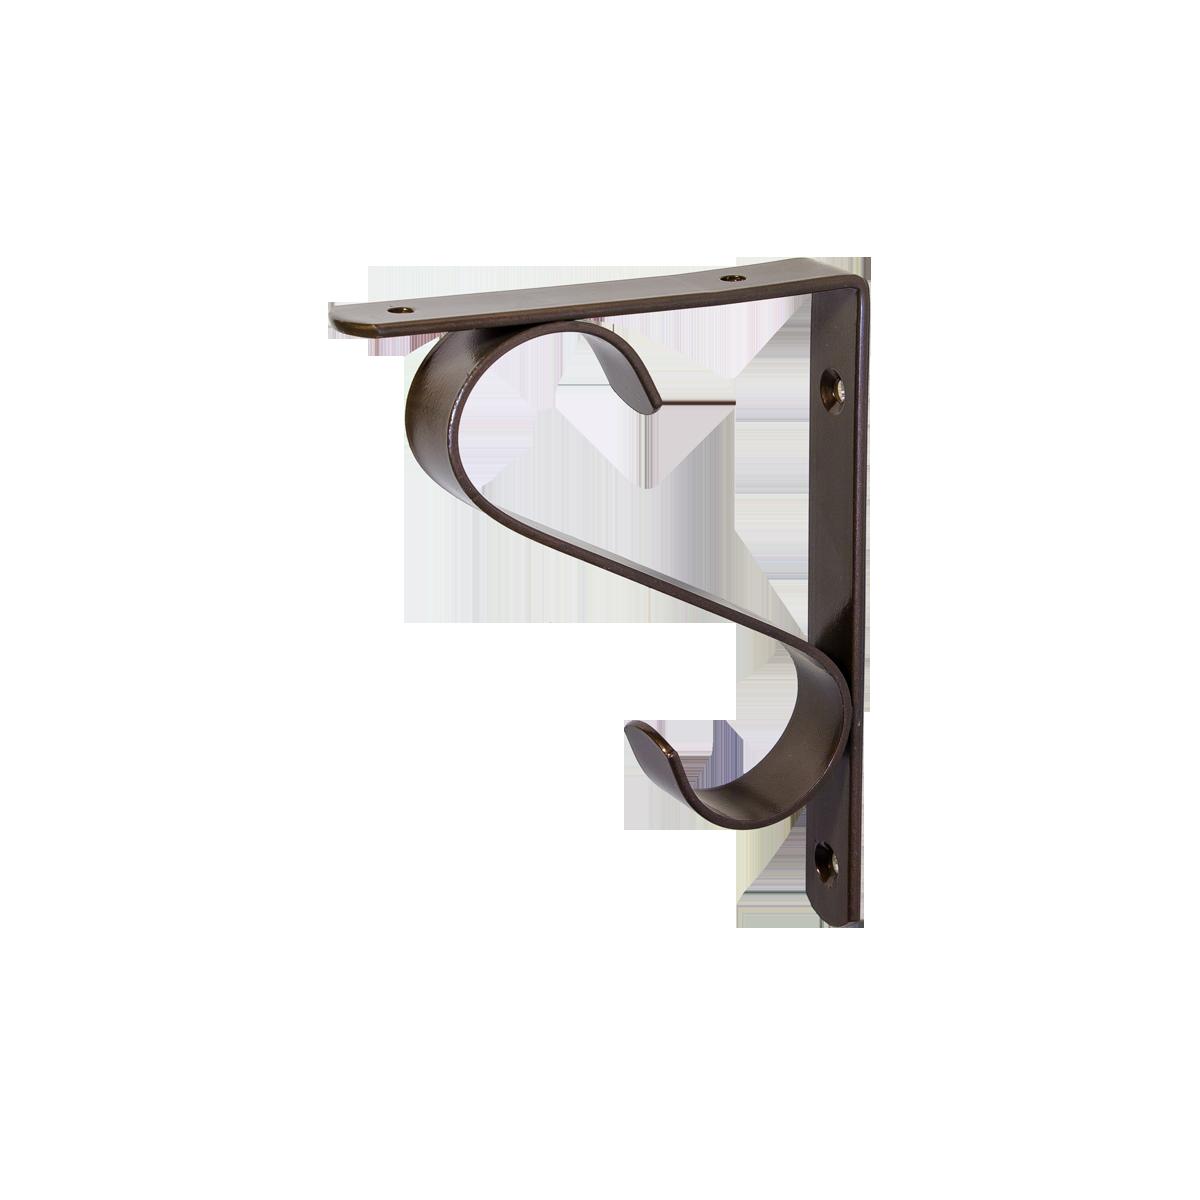 Кронштейн для полок Larvij Прованс 115 х 150 мм Антик бронза.  Крепление для полок. (L7641AB)